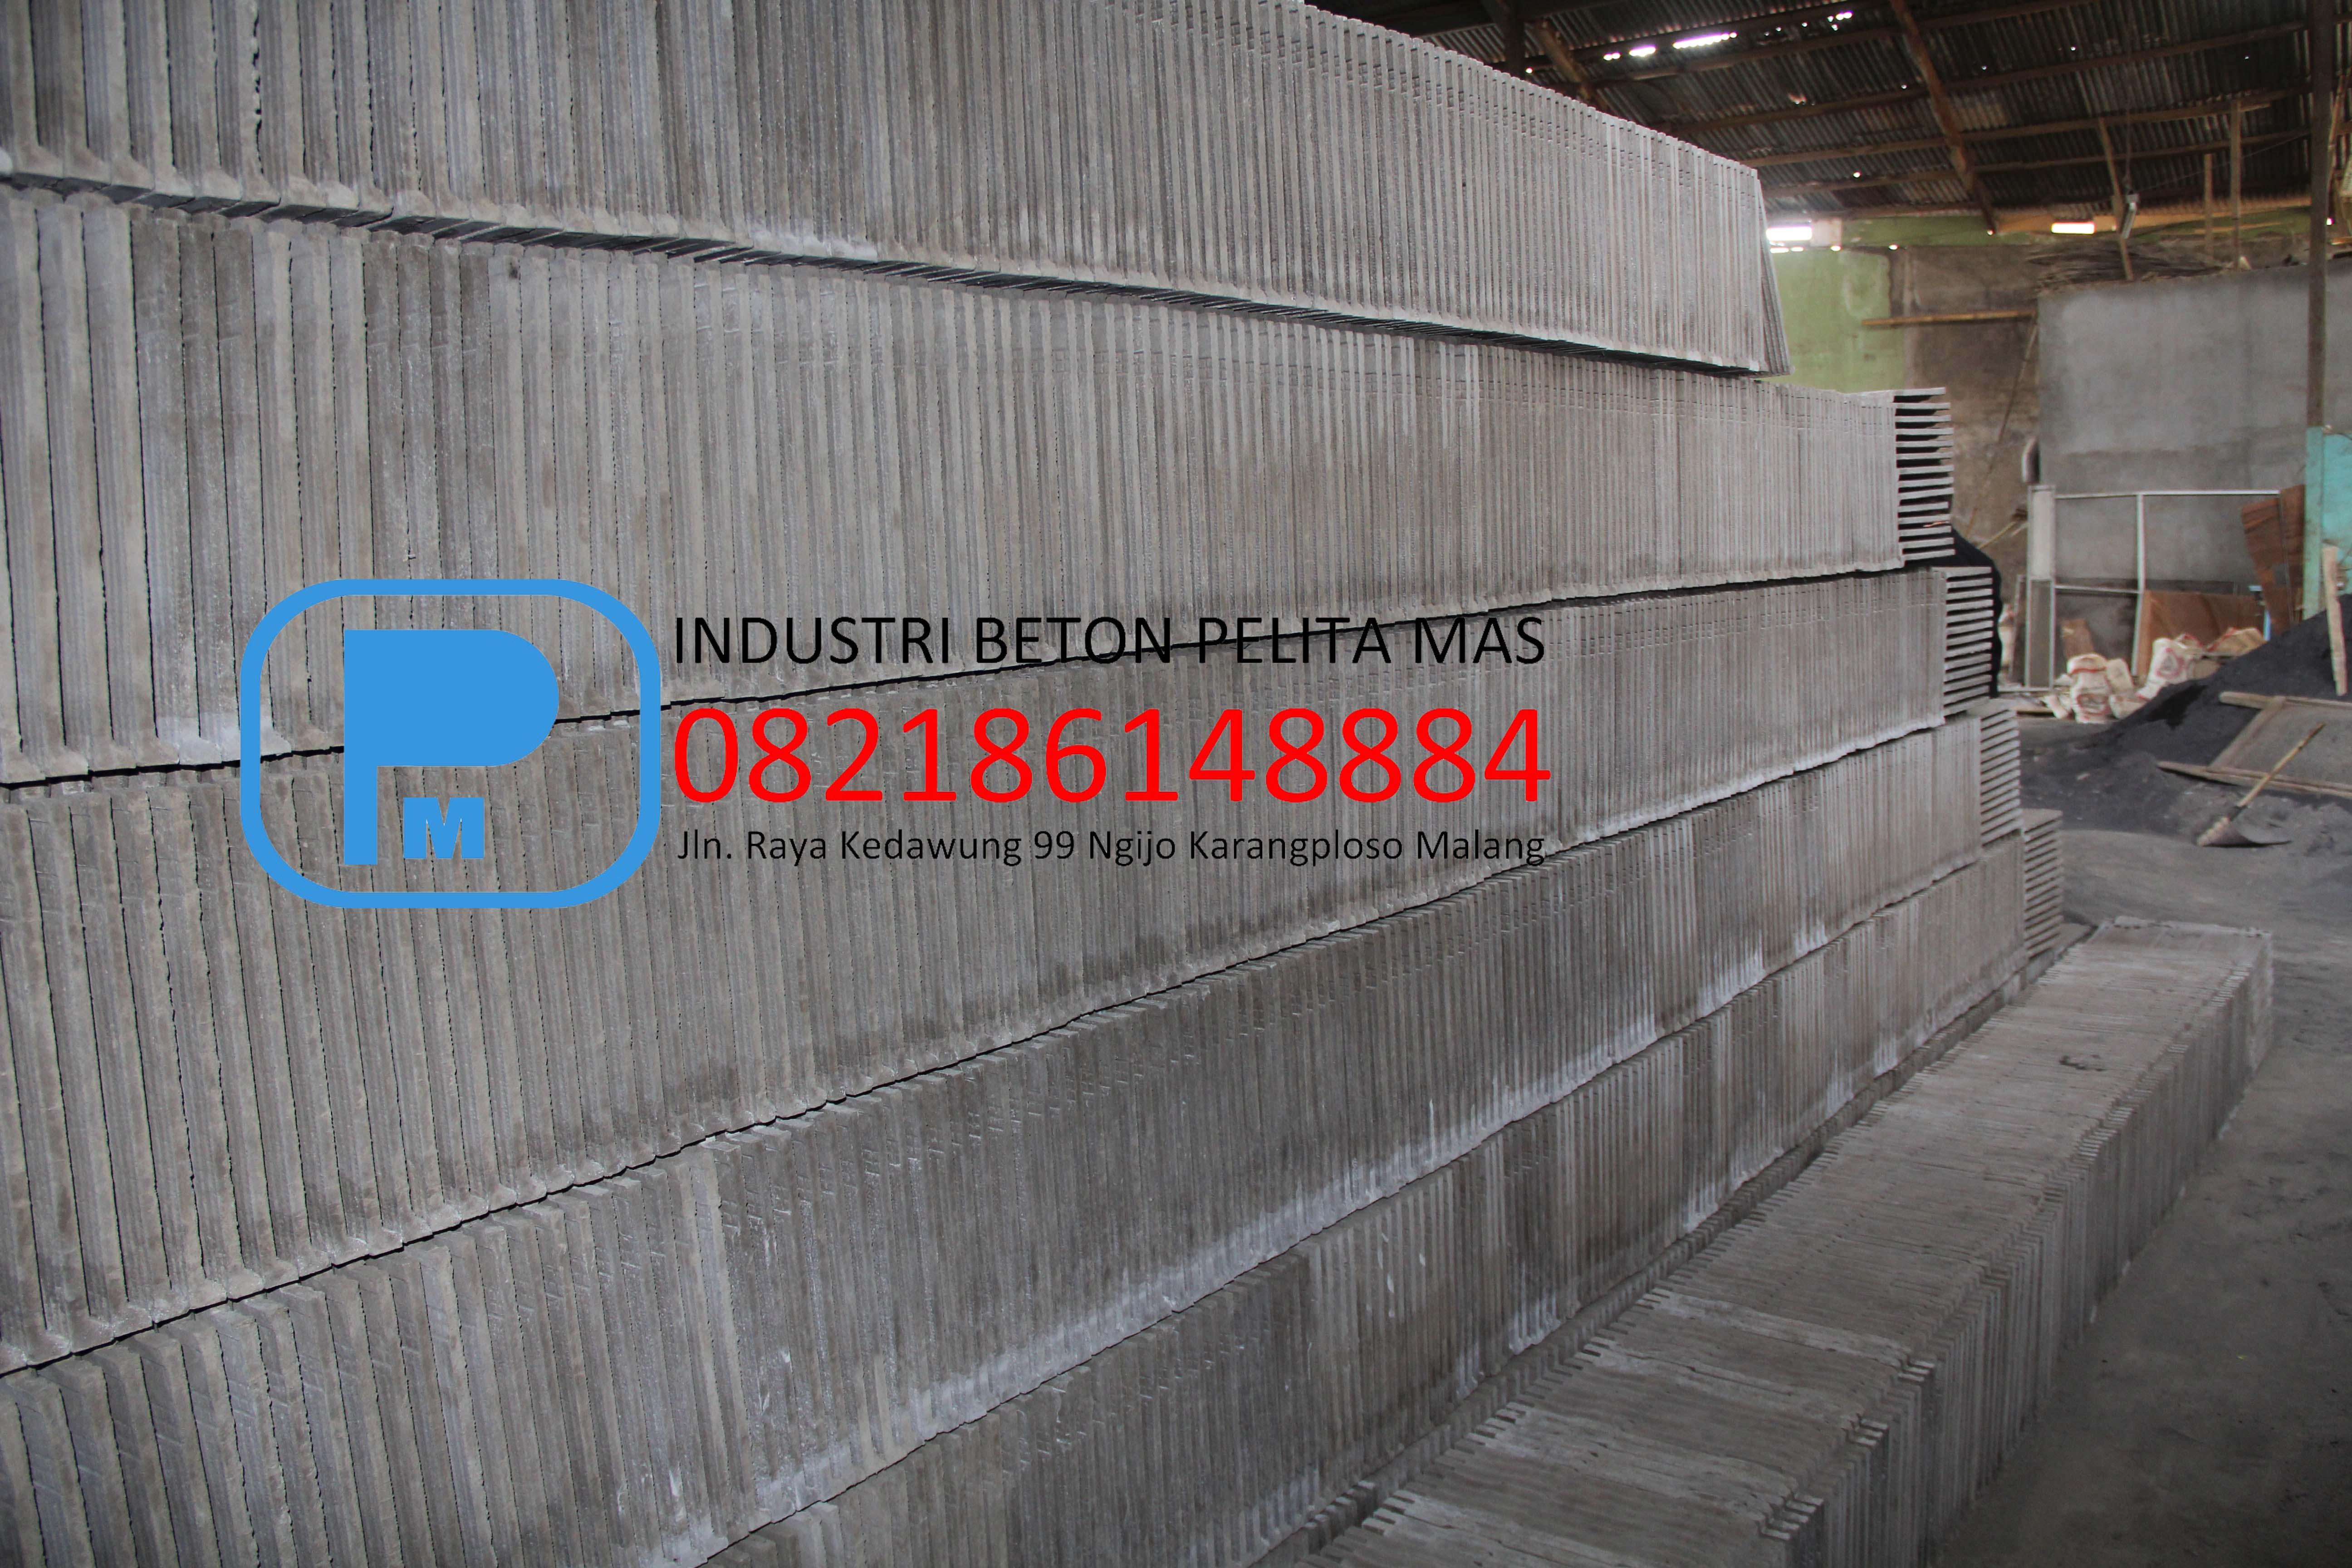 HP/WA 0821-8614-8884, Jual Genteng Malang